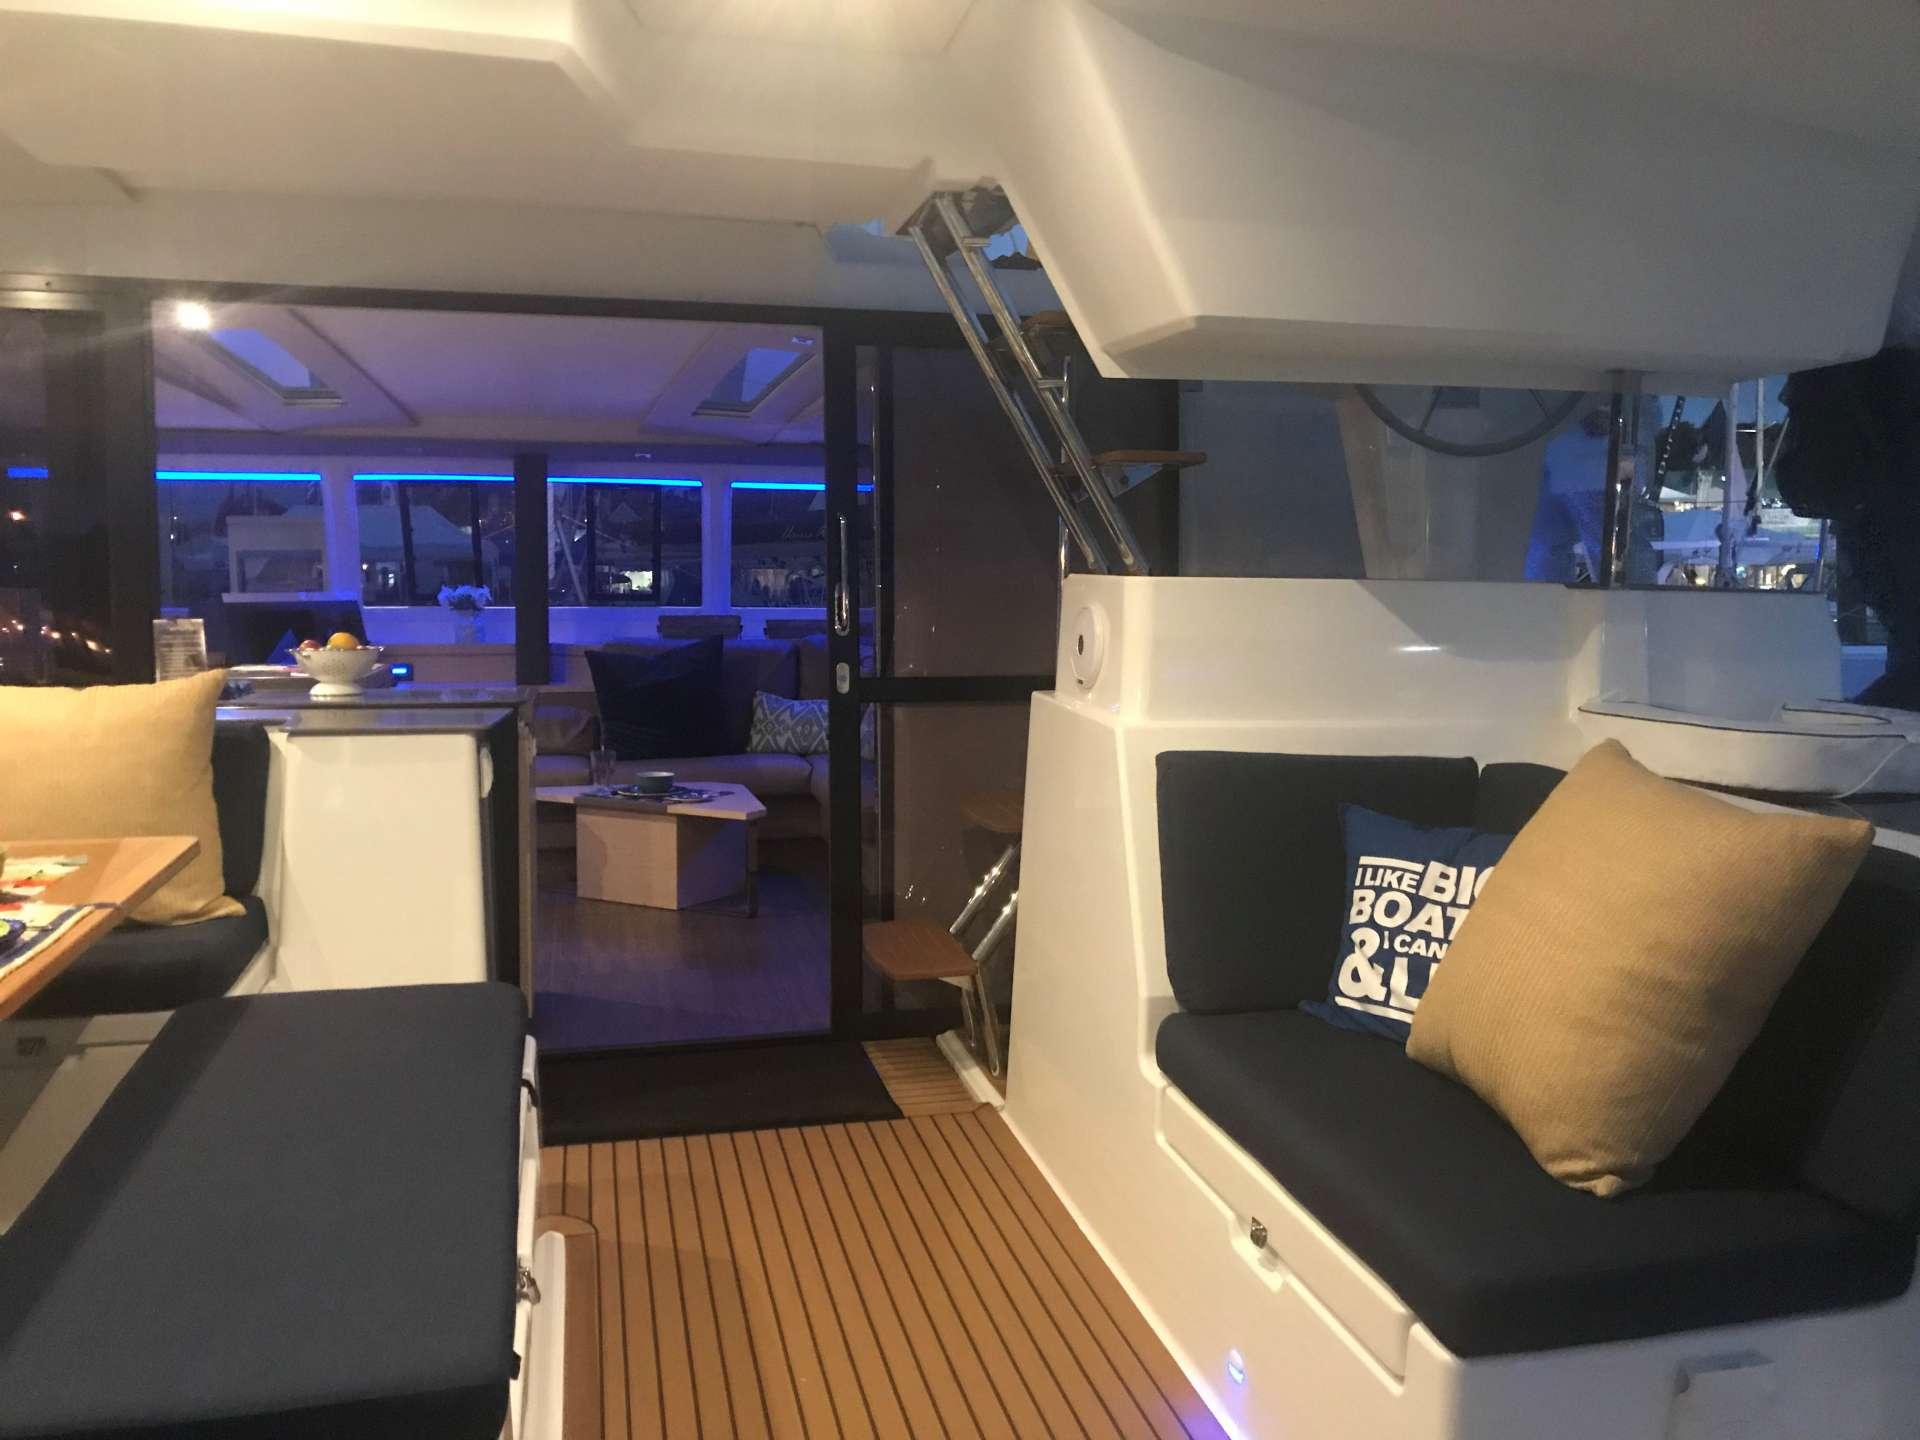 cockpit lounging area